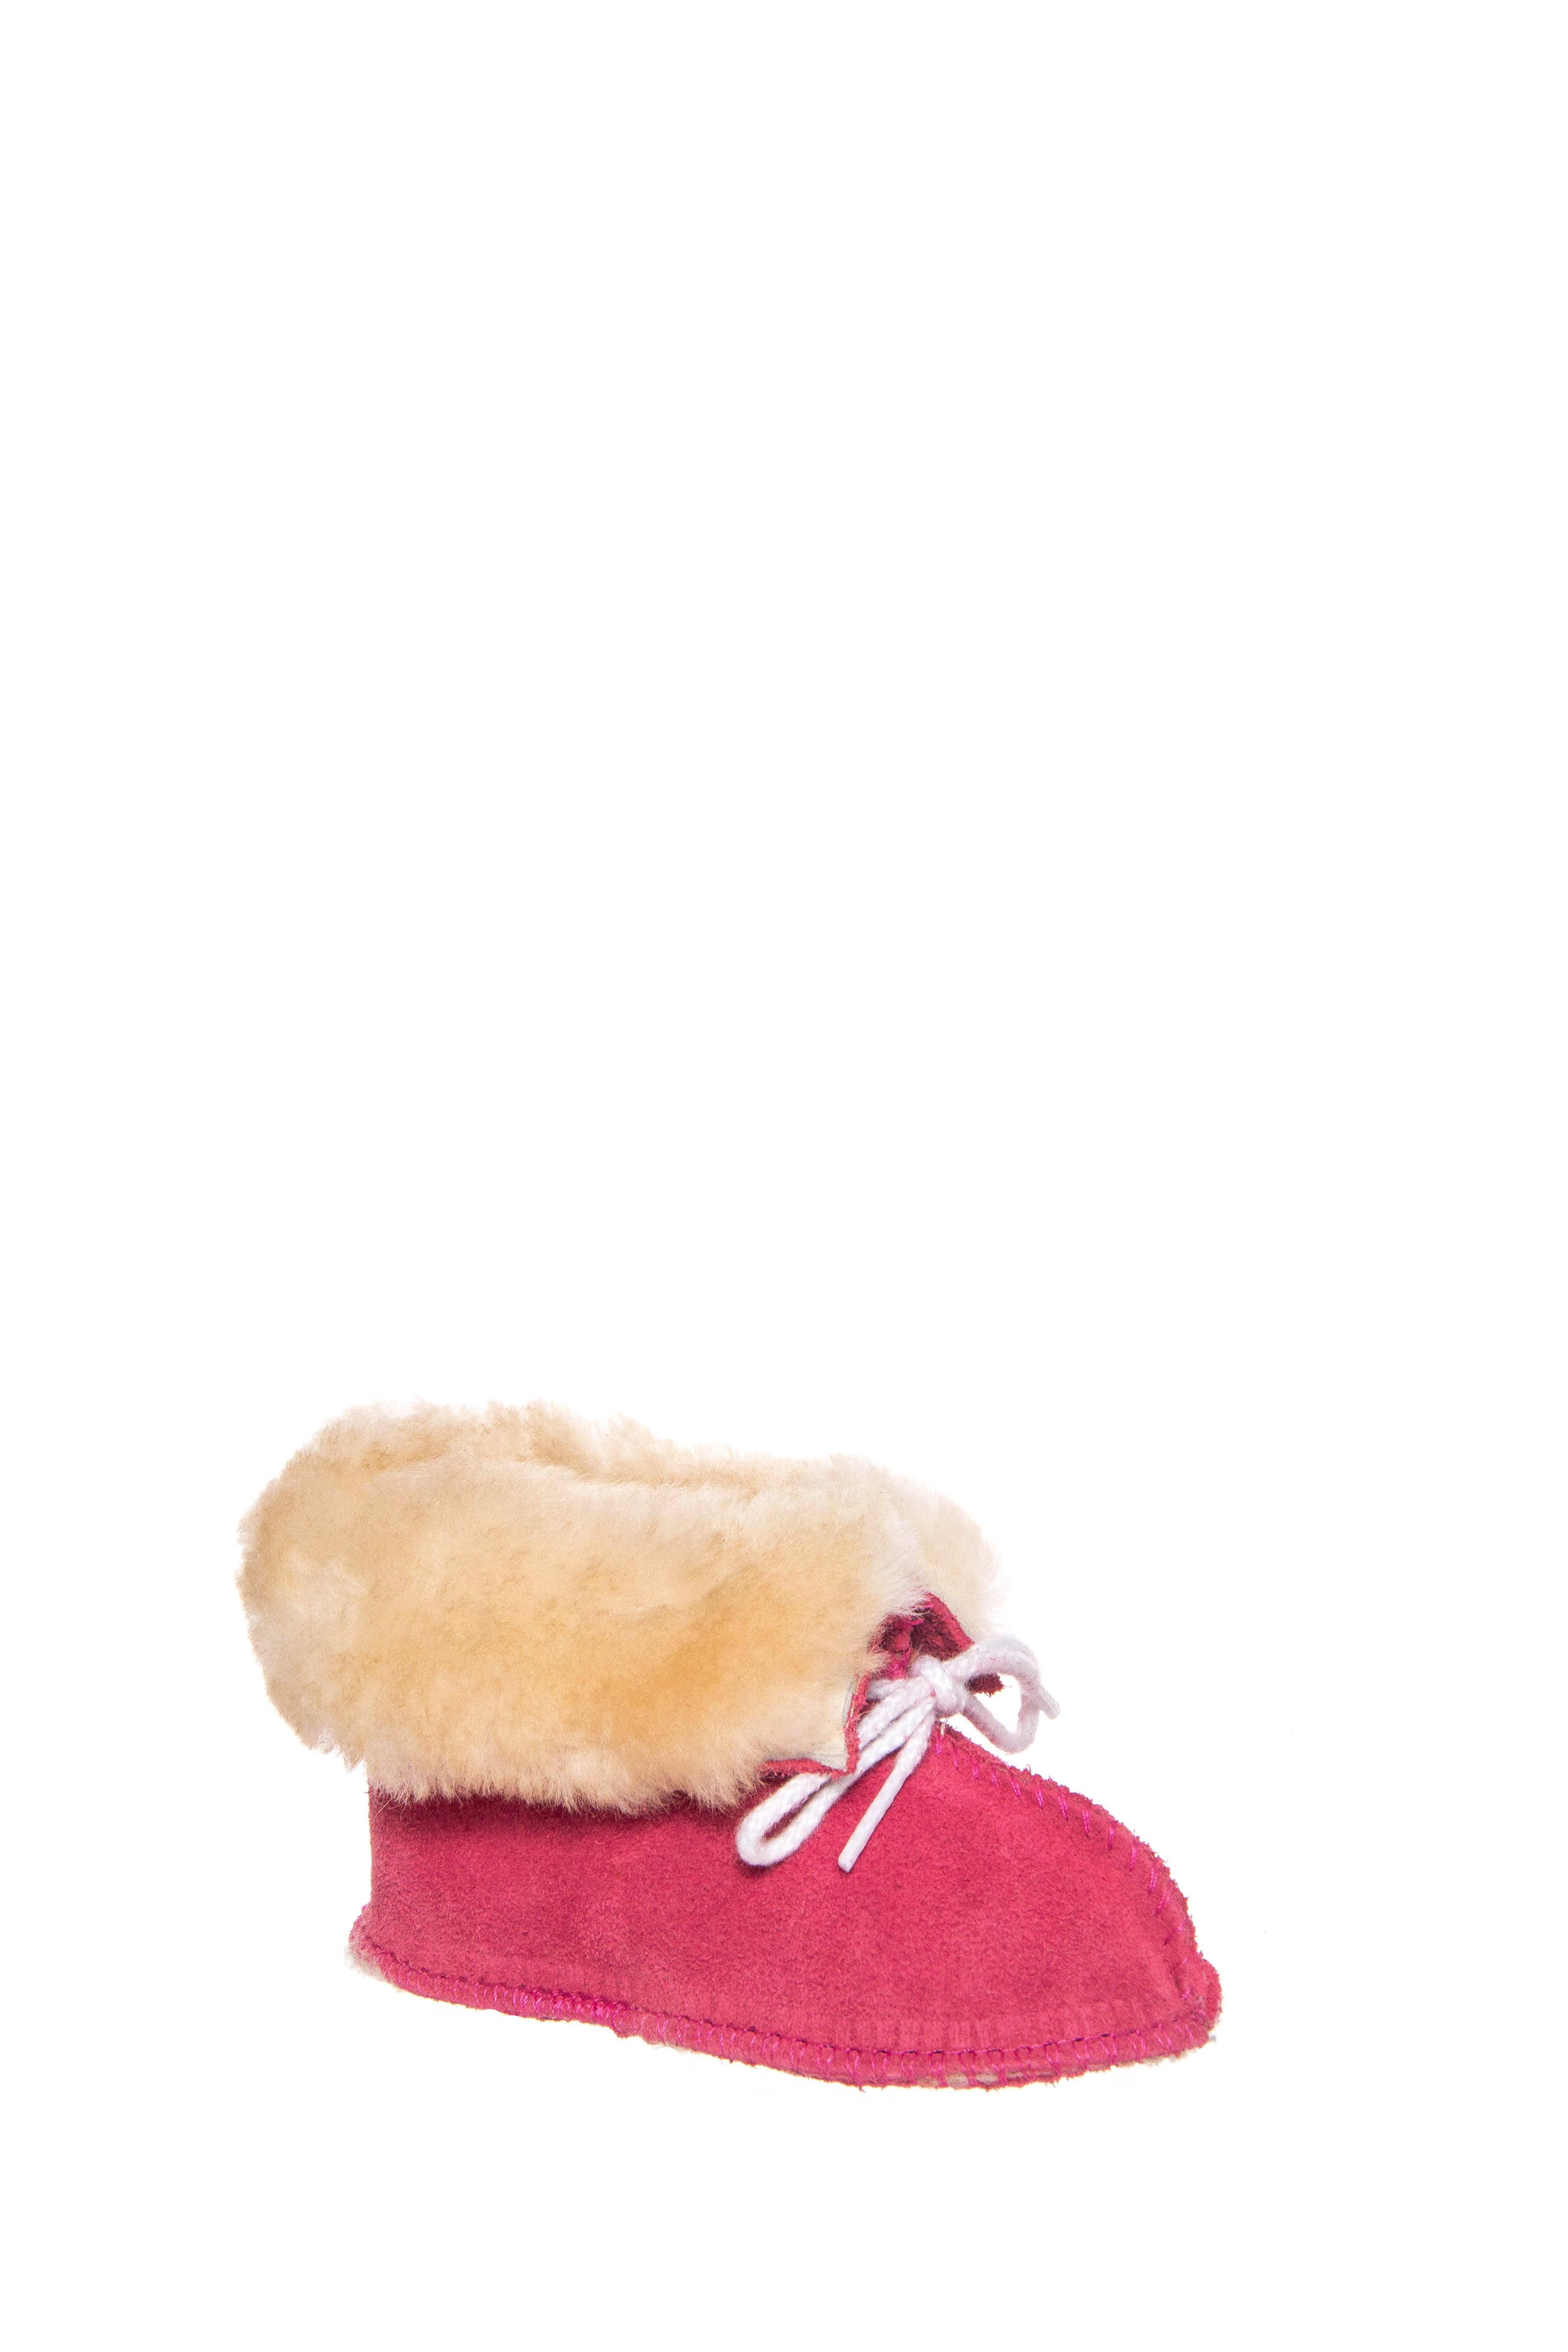 Minnetonka Infants Sheepskin Bootie Hot Pink by